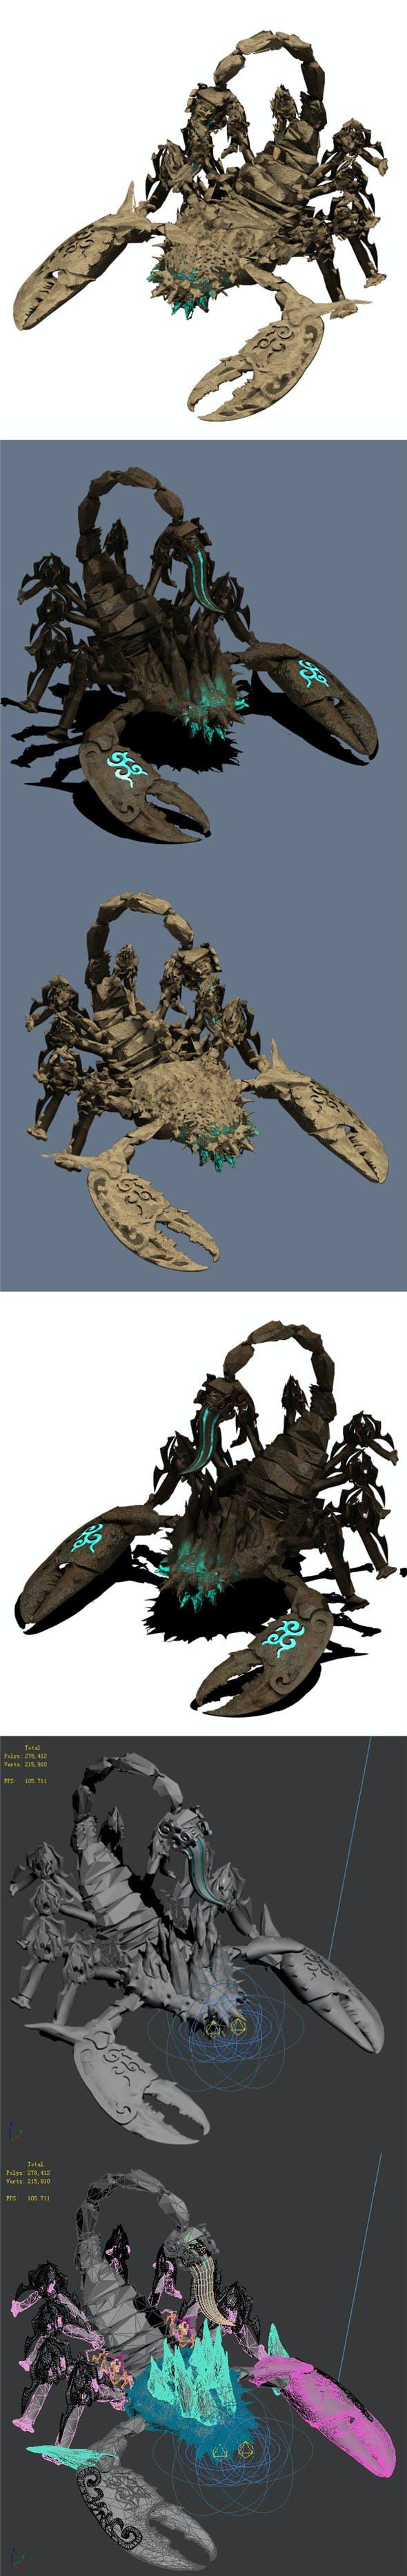 Desert - Scorpio - 3DOcean Item for Sale